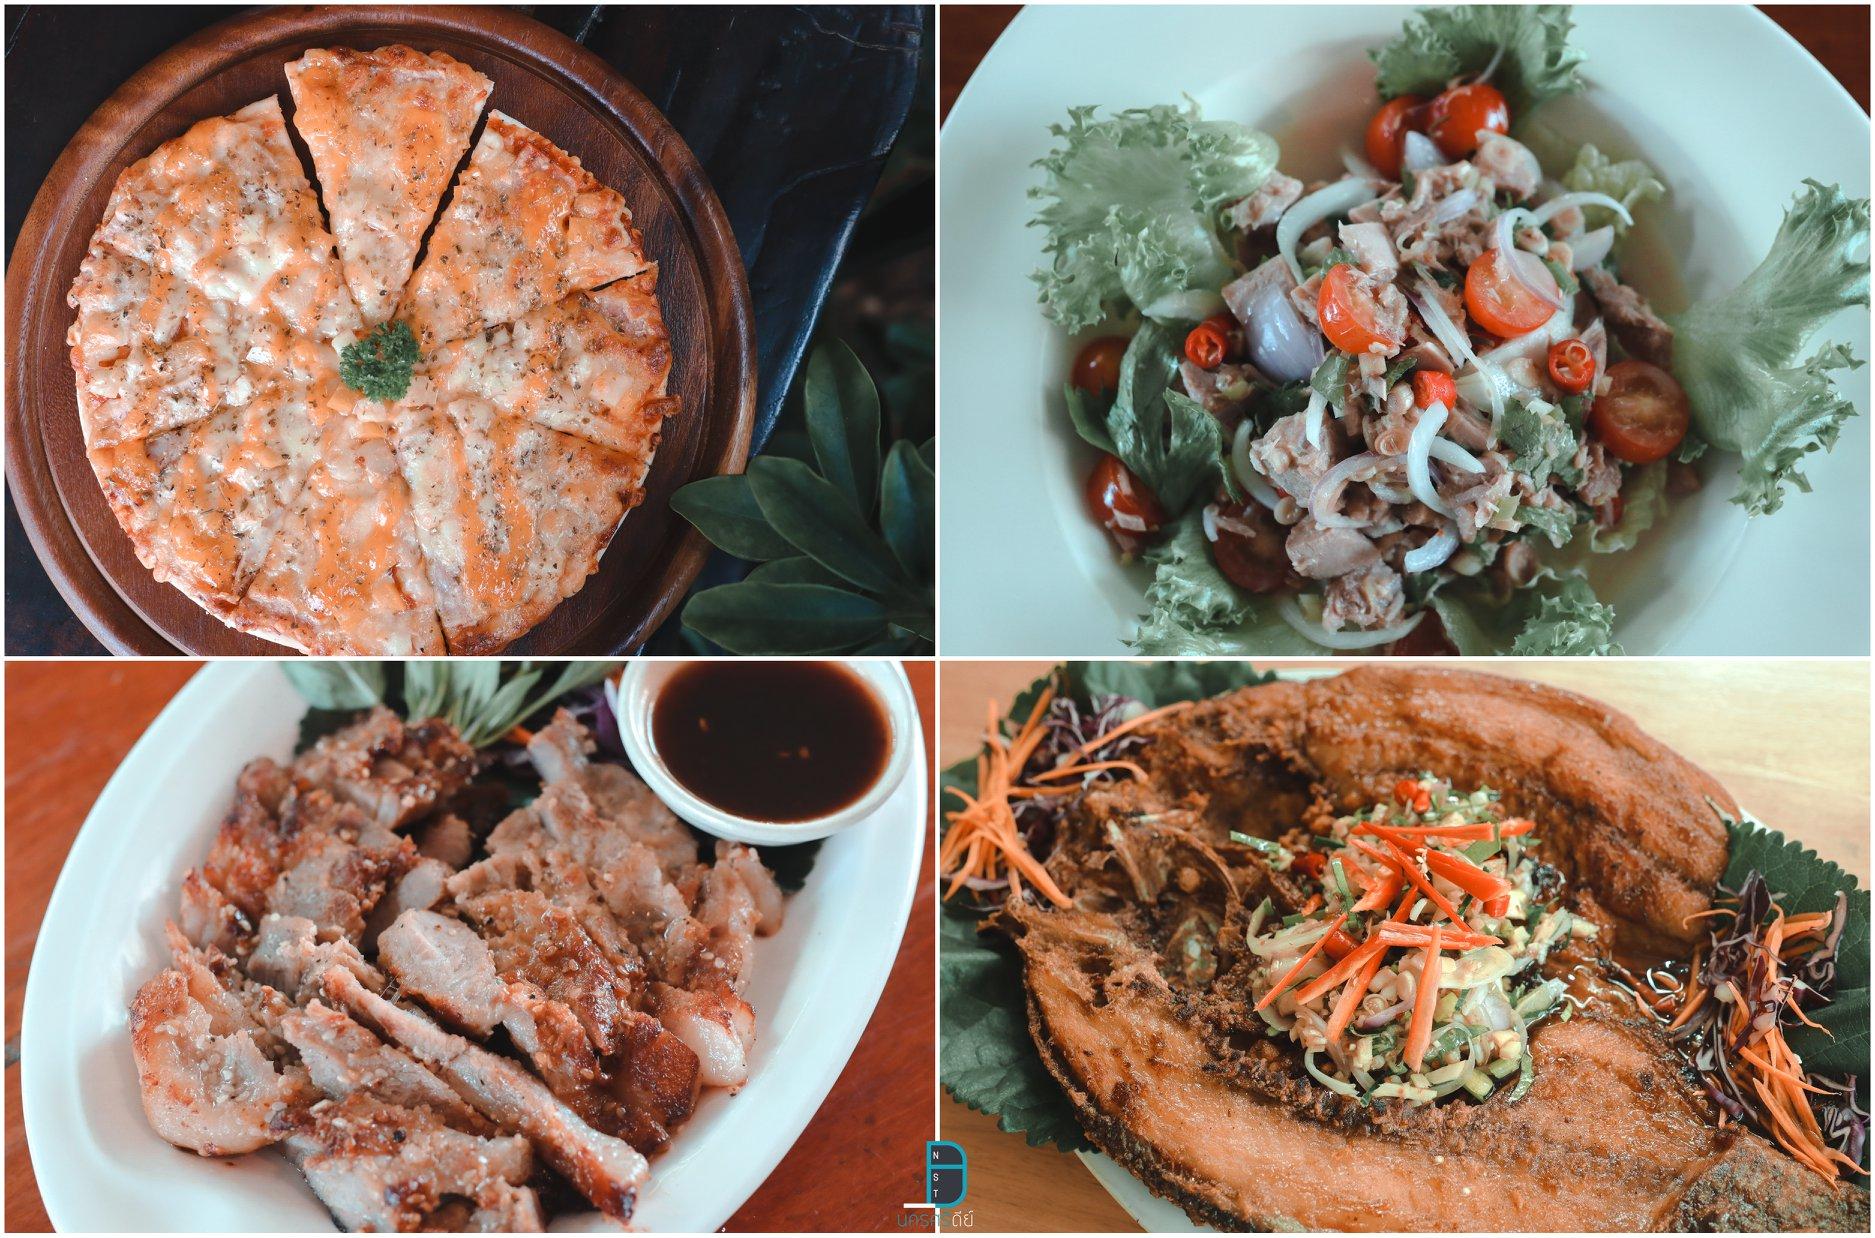 อาหารอร่อยแอดคอนเฟิร์ม-10/10 คาเฟ่,Cafe,นครศรีธรรมราช,2021,2564,ของกิน,จุดเช็คอิน,จุดถ่ายรูป